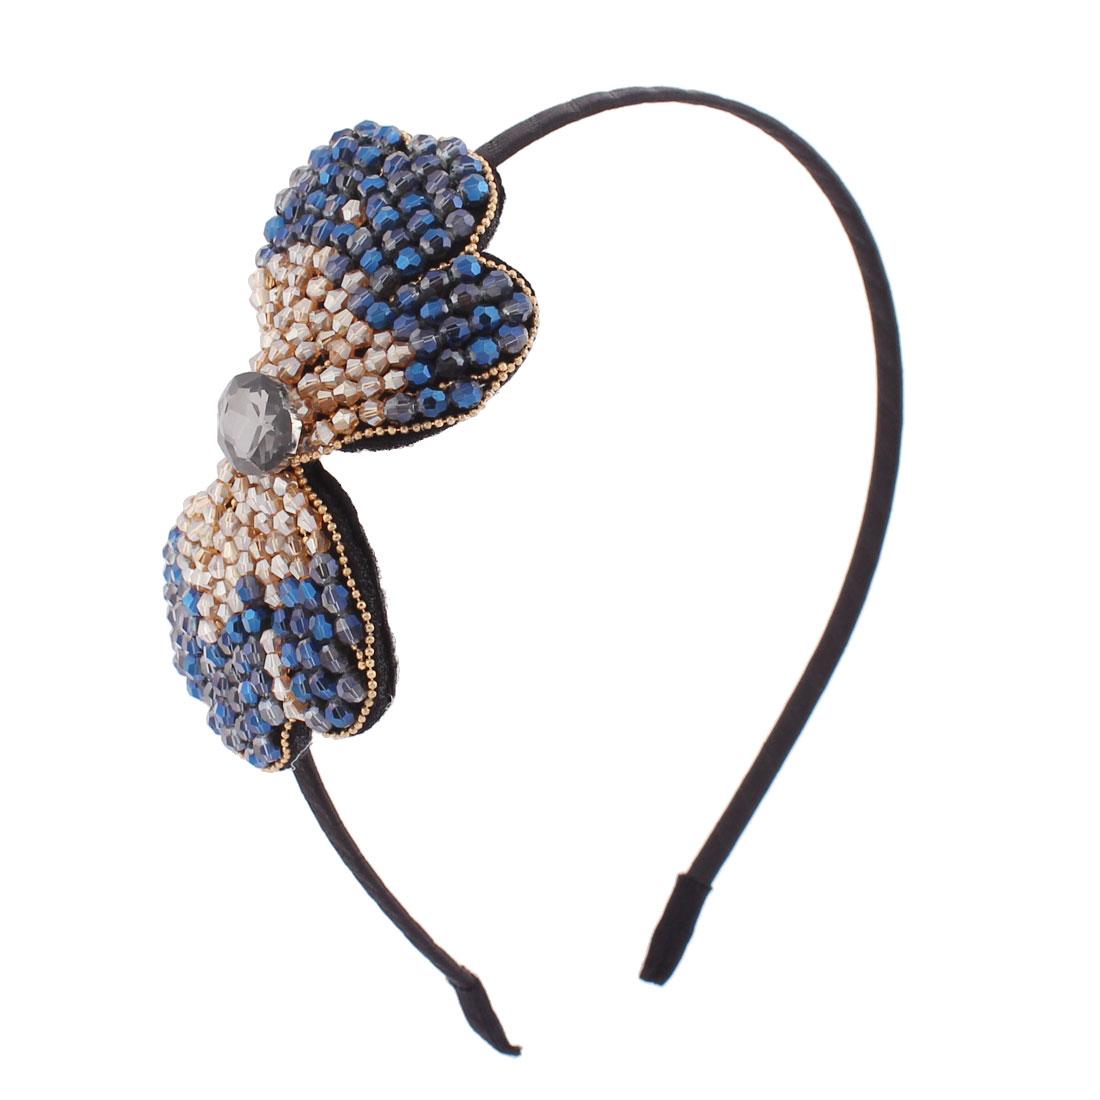 Women Gift Rhinestones Plastic Beads Embellished Bowtie Design Slim Metal Hair Hoop Bowknot Dark Blue Ecru